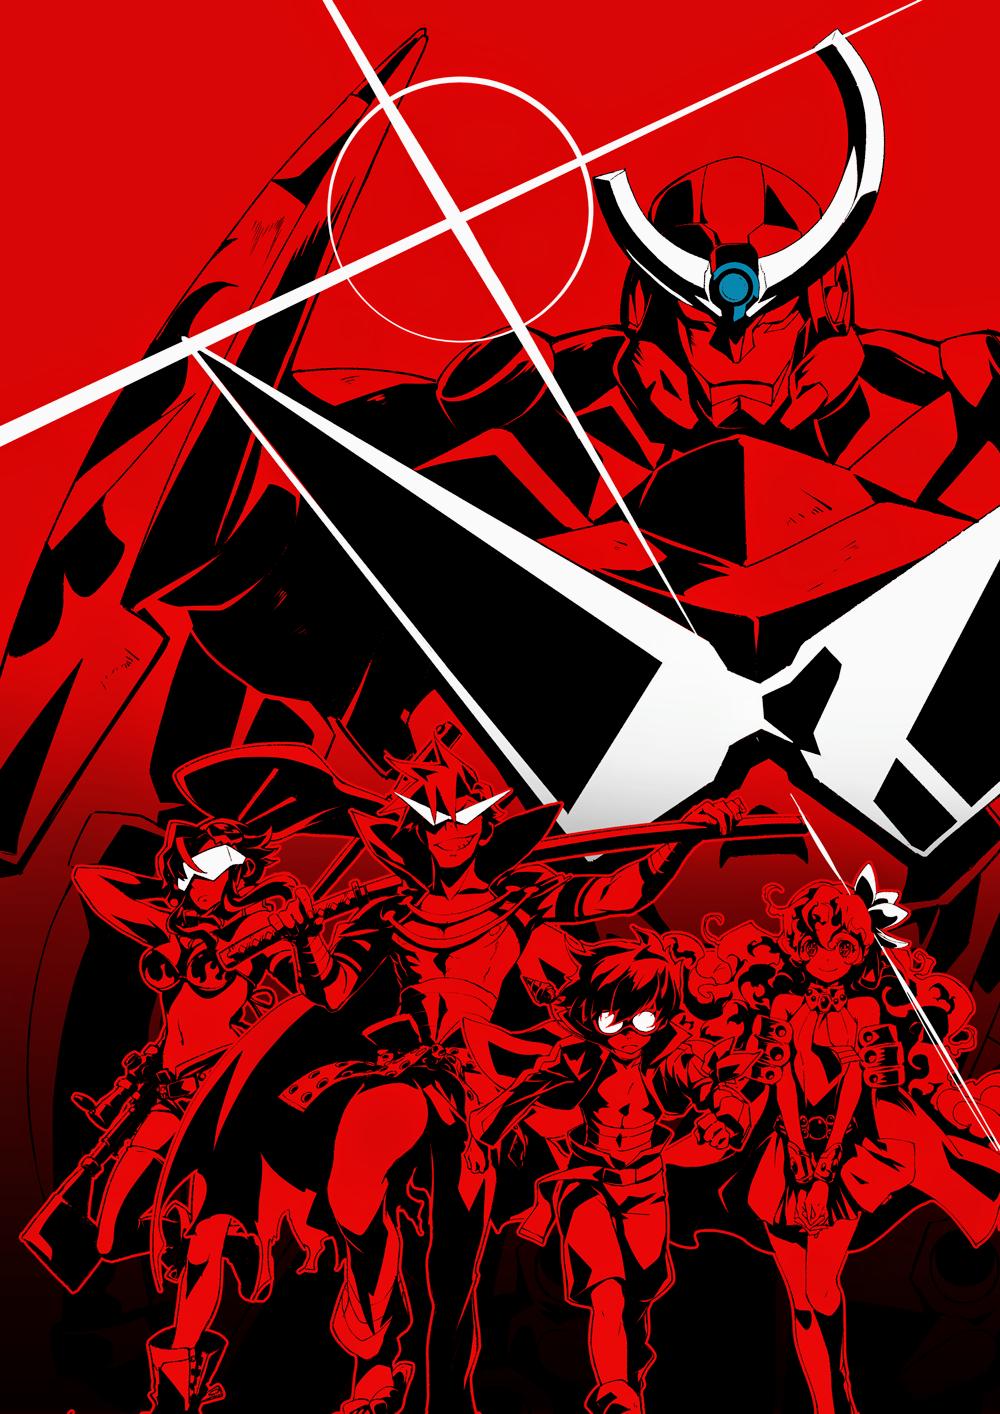 Gg Gurren Lagann Mecha Anime Anime Images